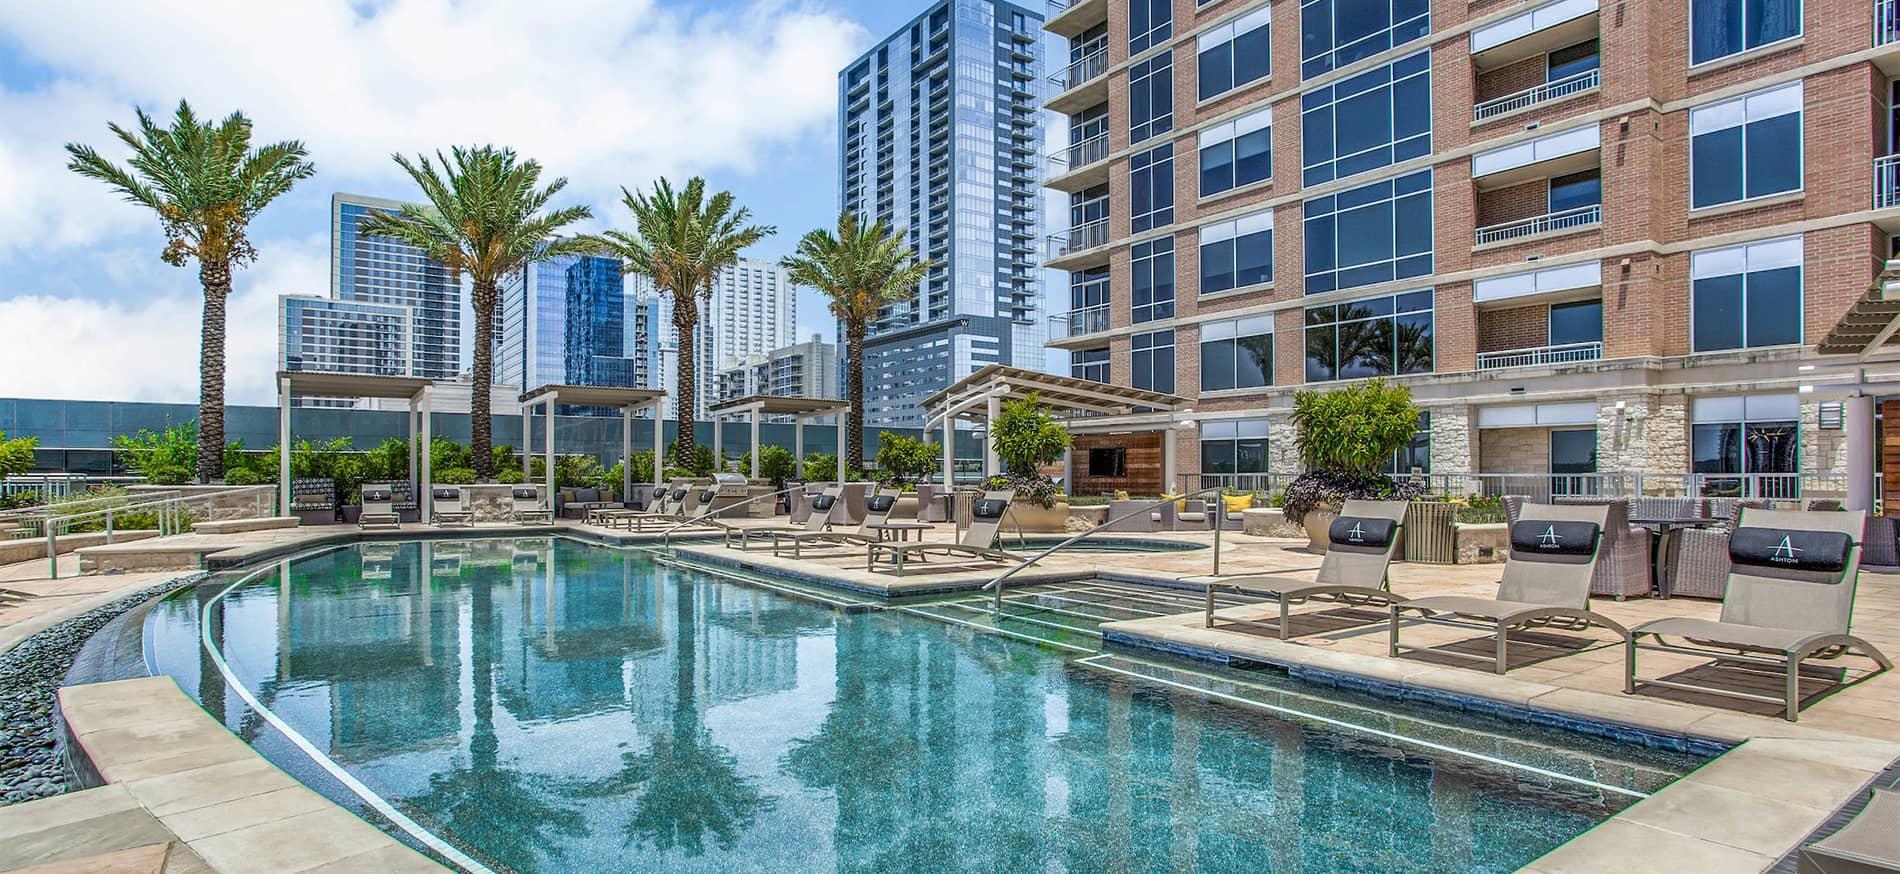 Ashton Austin Penthouses and Apartments in Downtown Austin